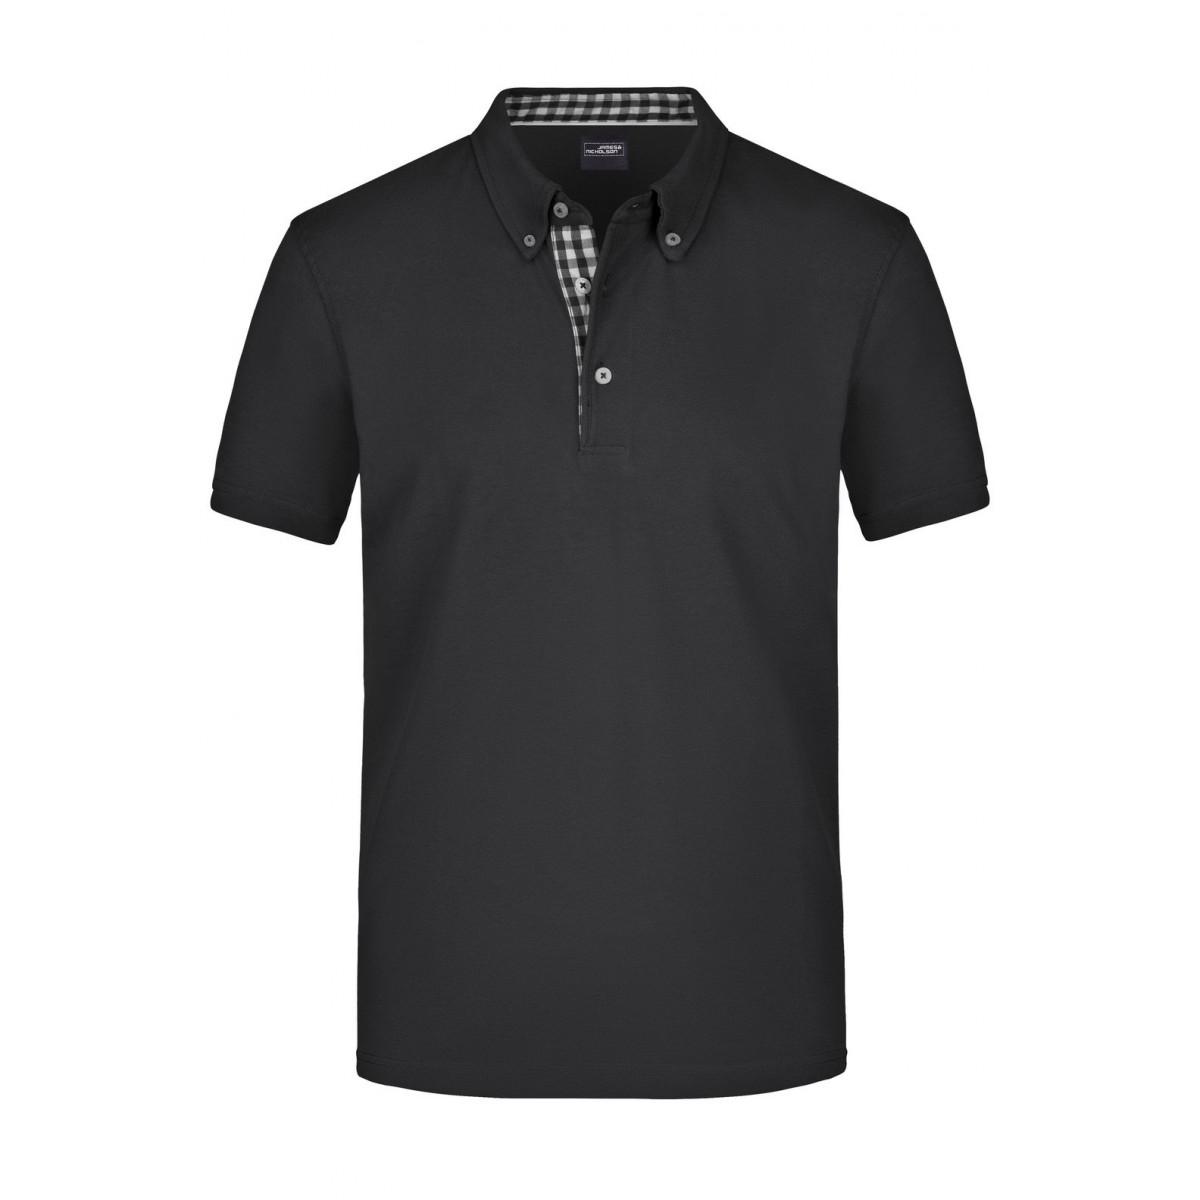 Рубашка поло мужская JN964 Mens Plain Polo - Черный/Черный-Белый